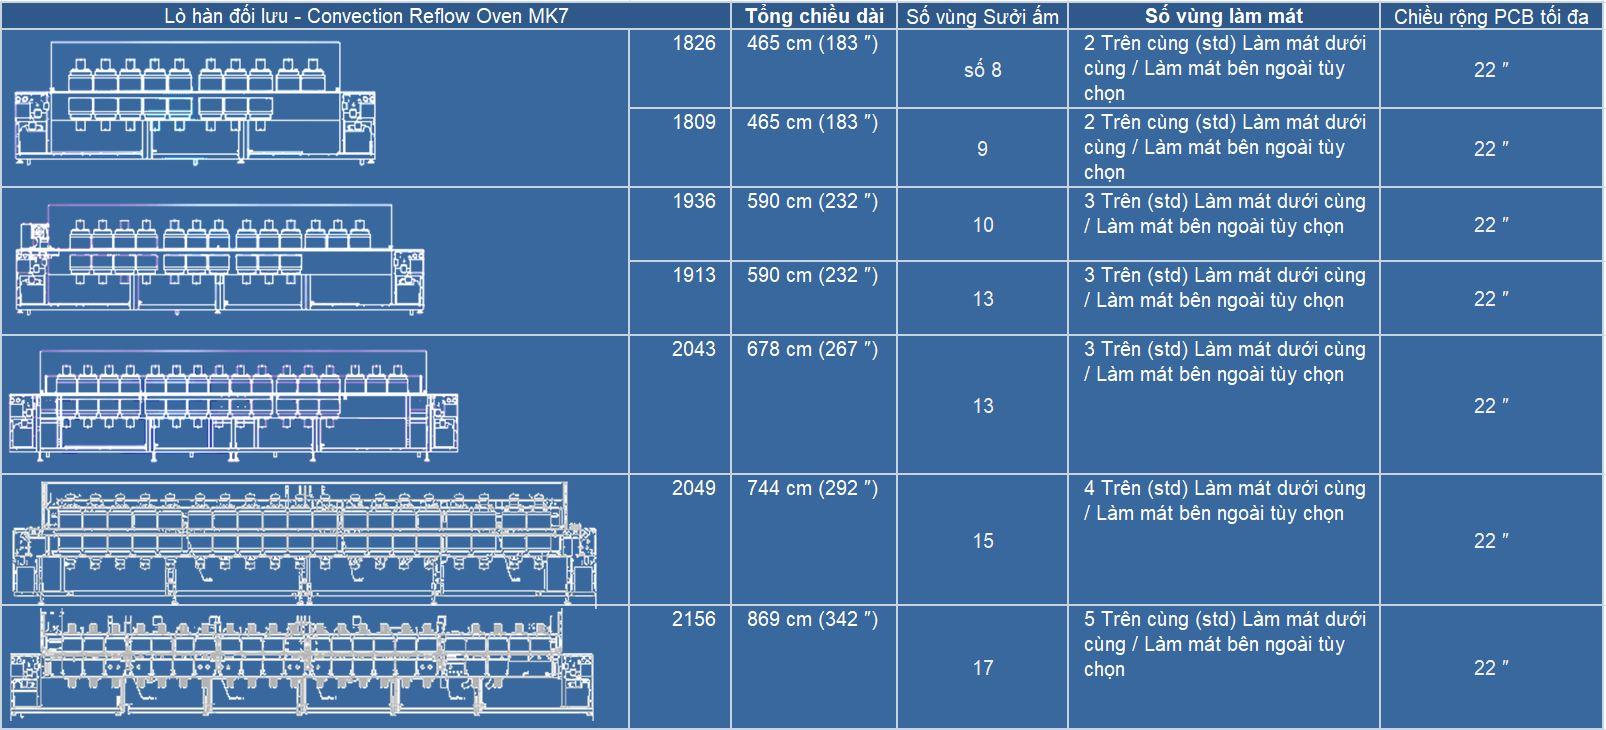 Thông số kỹ thuật của dòng lò hàn đối lưu MK -7